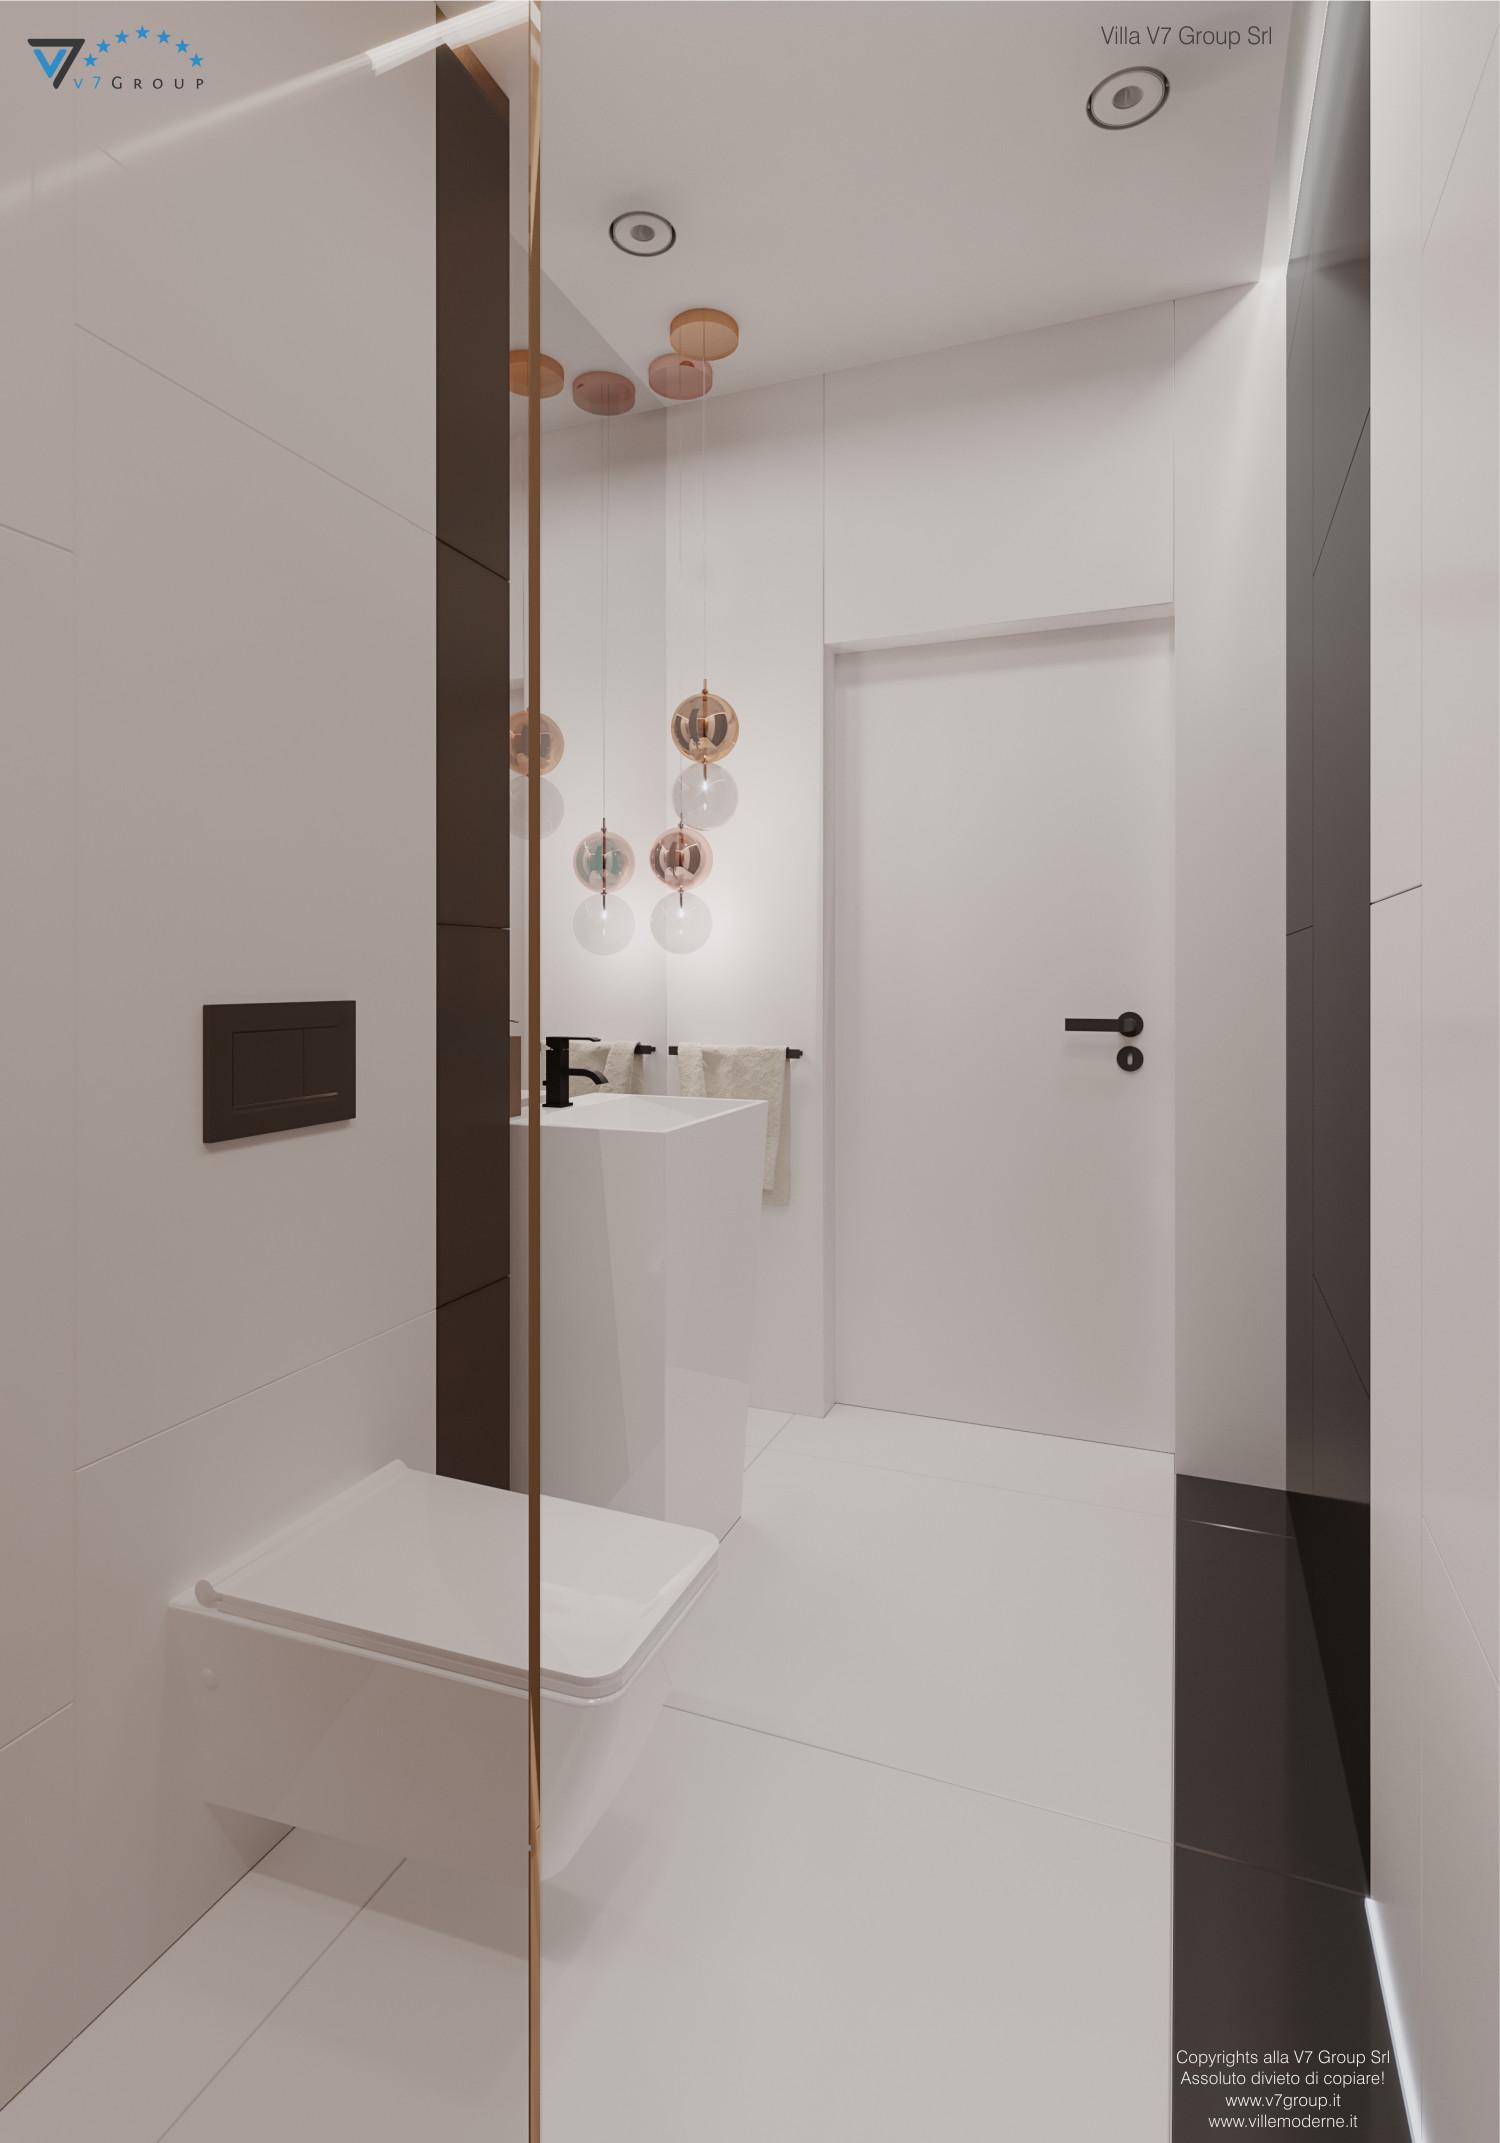 Immagine Villa V56 - interno 10 - la porta nel bagno grande